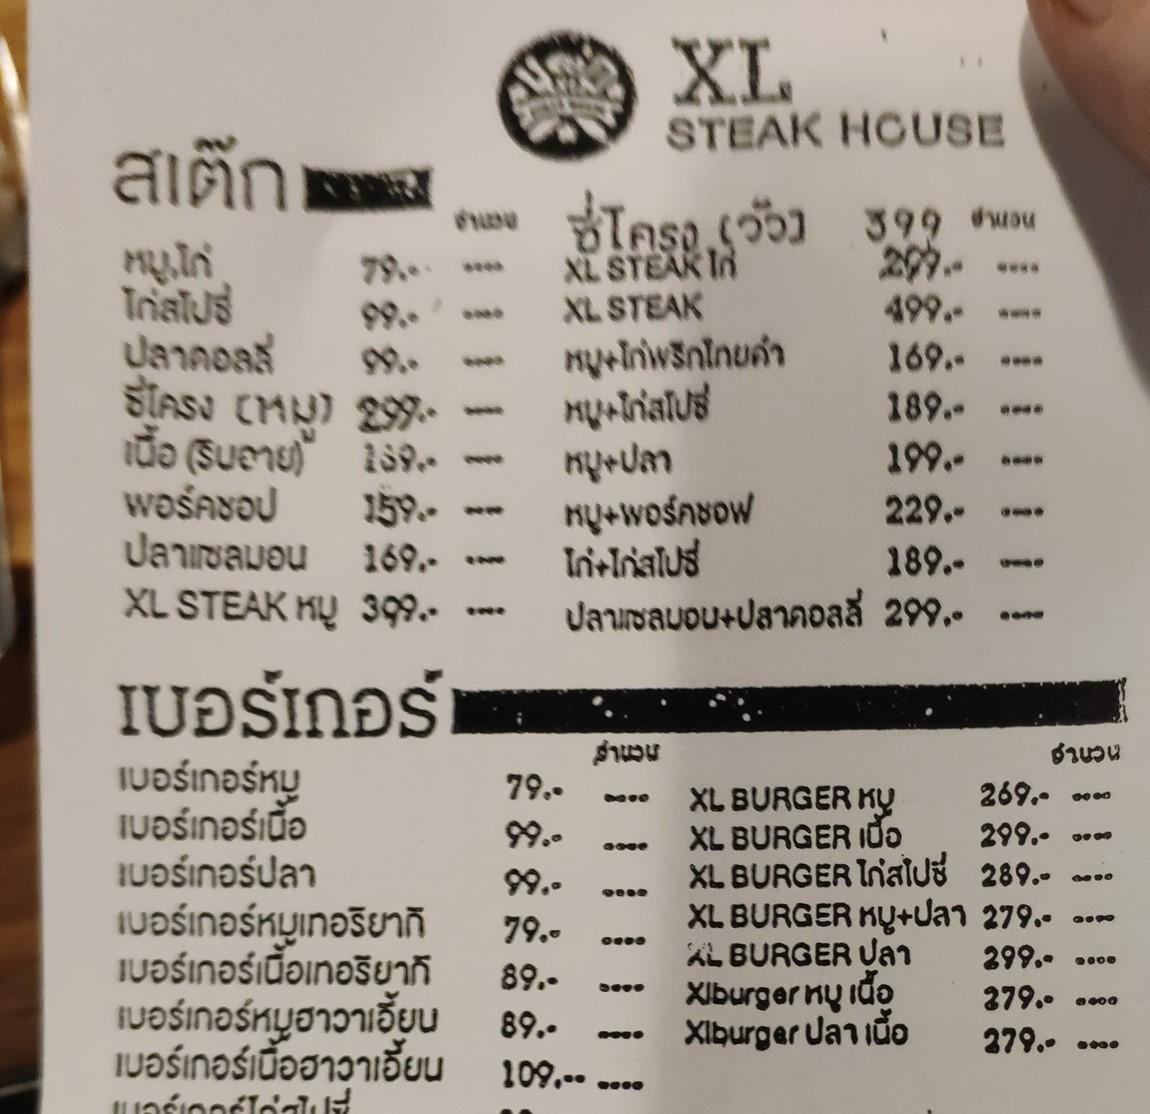 xl-steakhouse-menu-3.